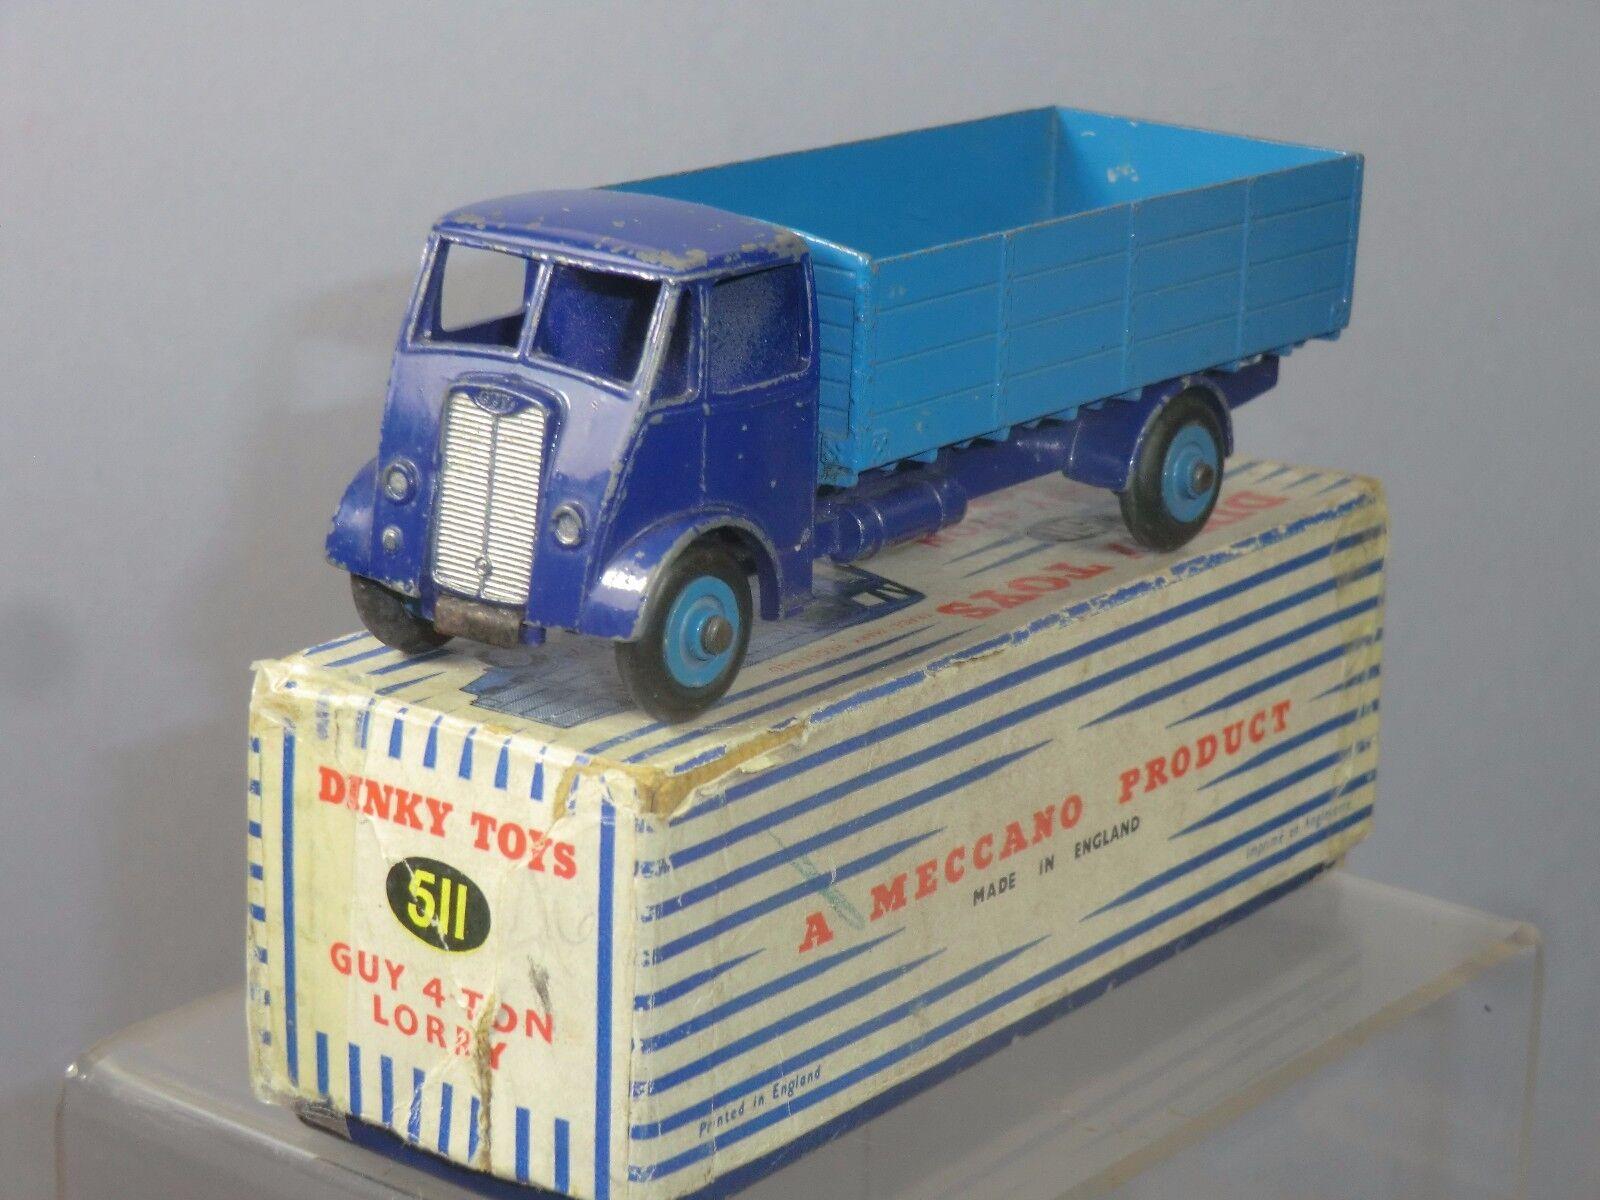 Schäbiges supervibros modell no.511 typ 4-ton lkw im mib